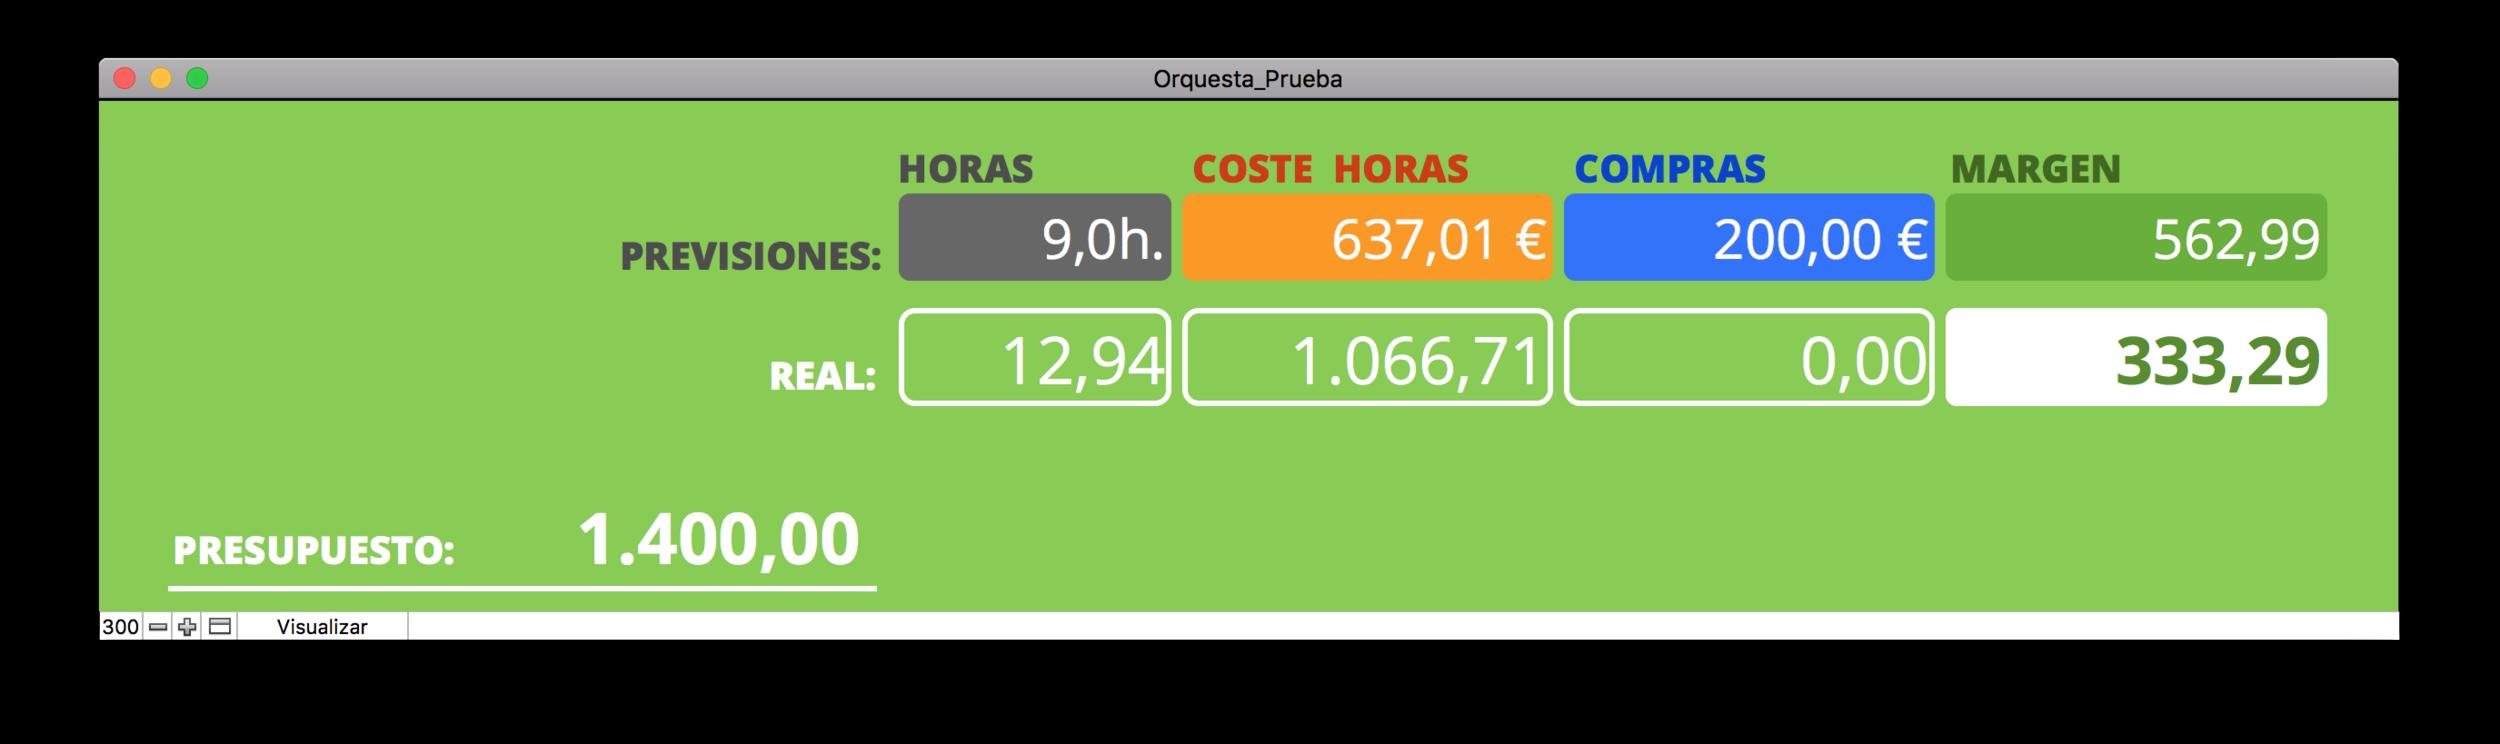 presupuesto de diseño, con horas trabajadas, coste y margen